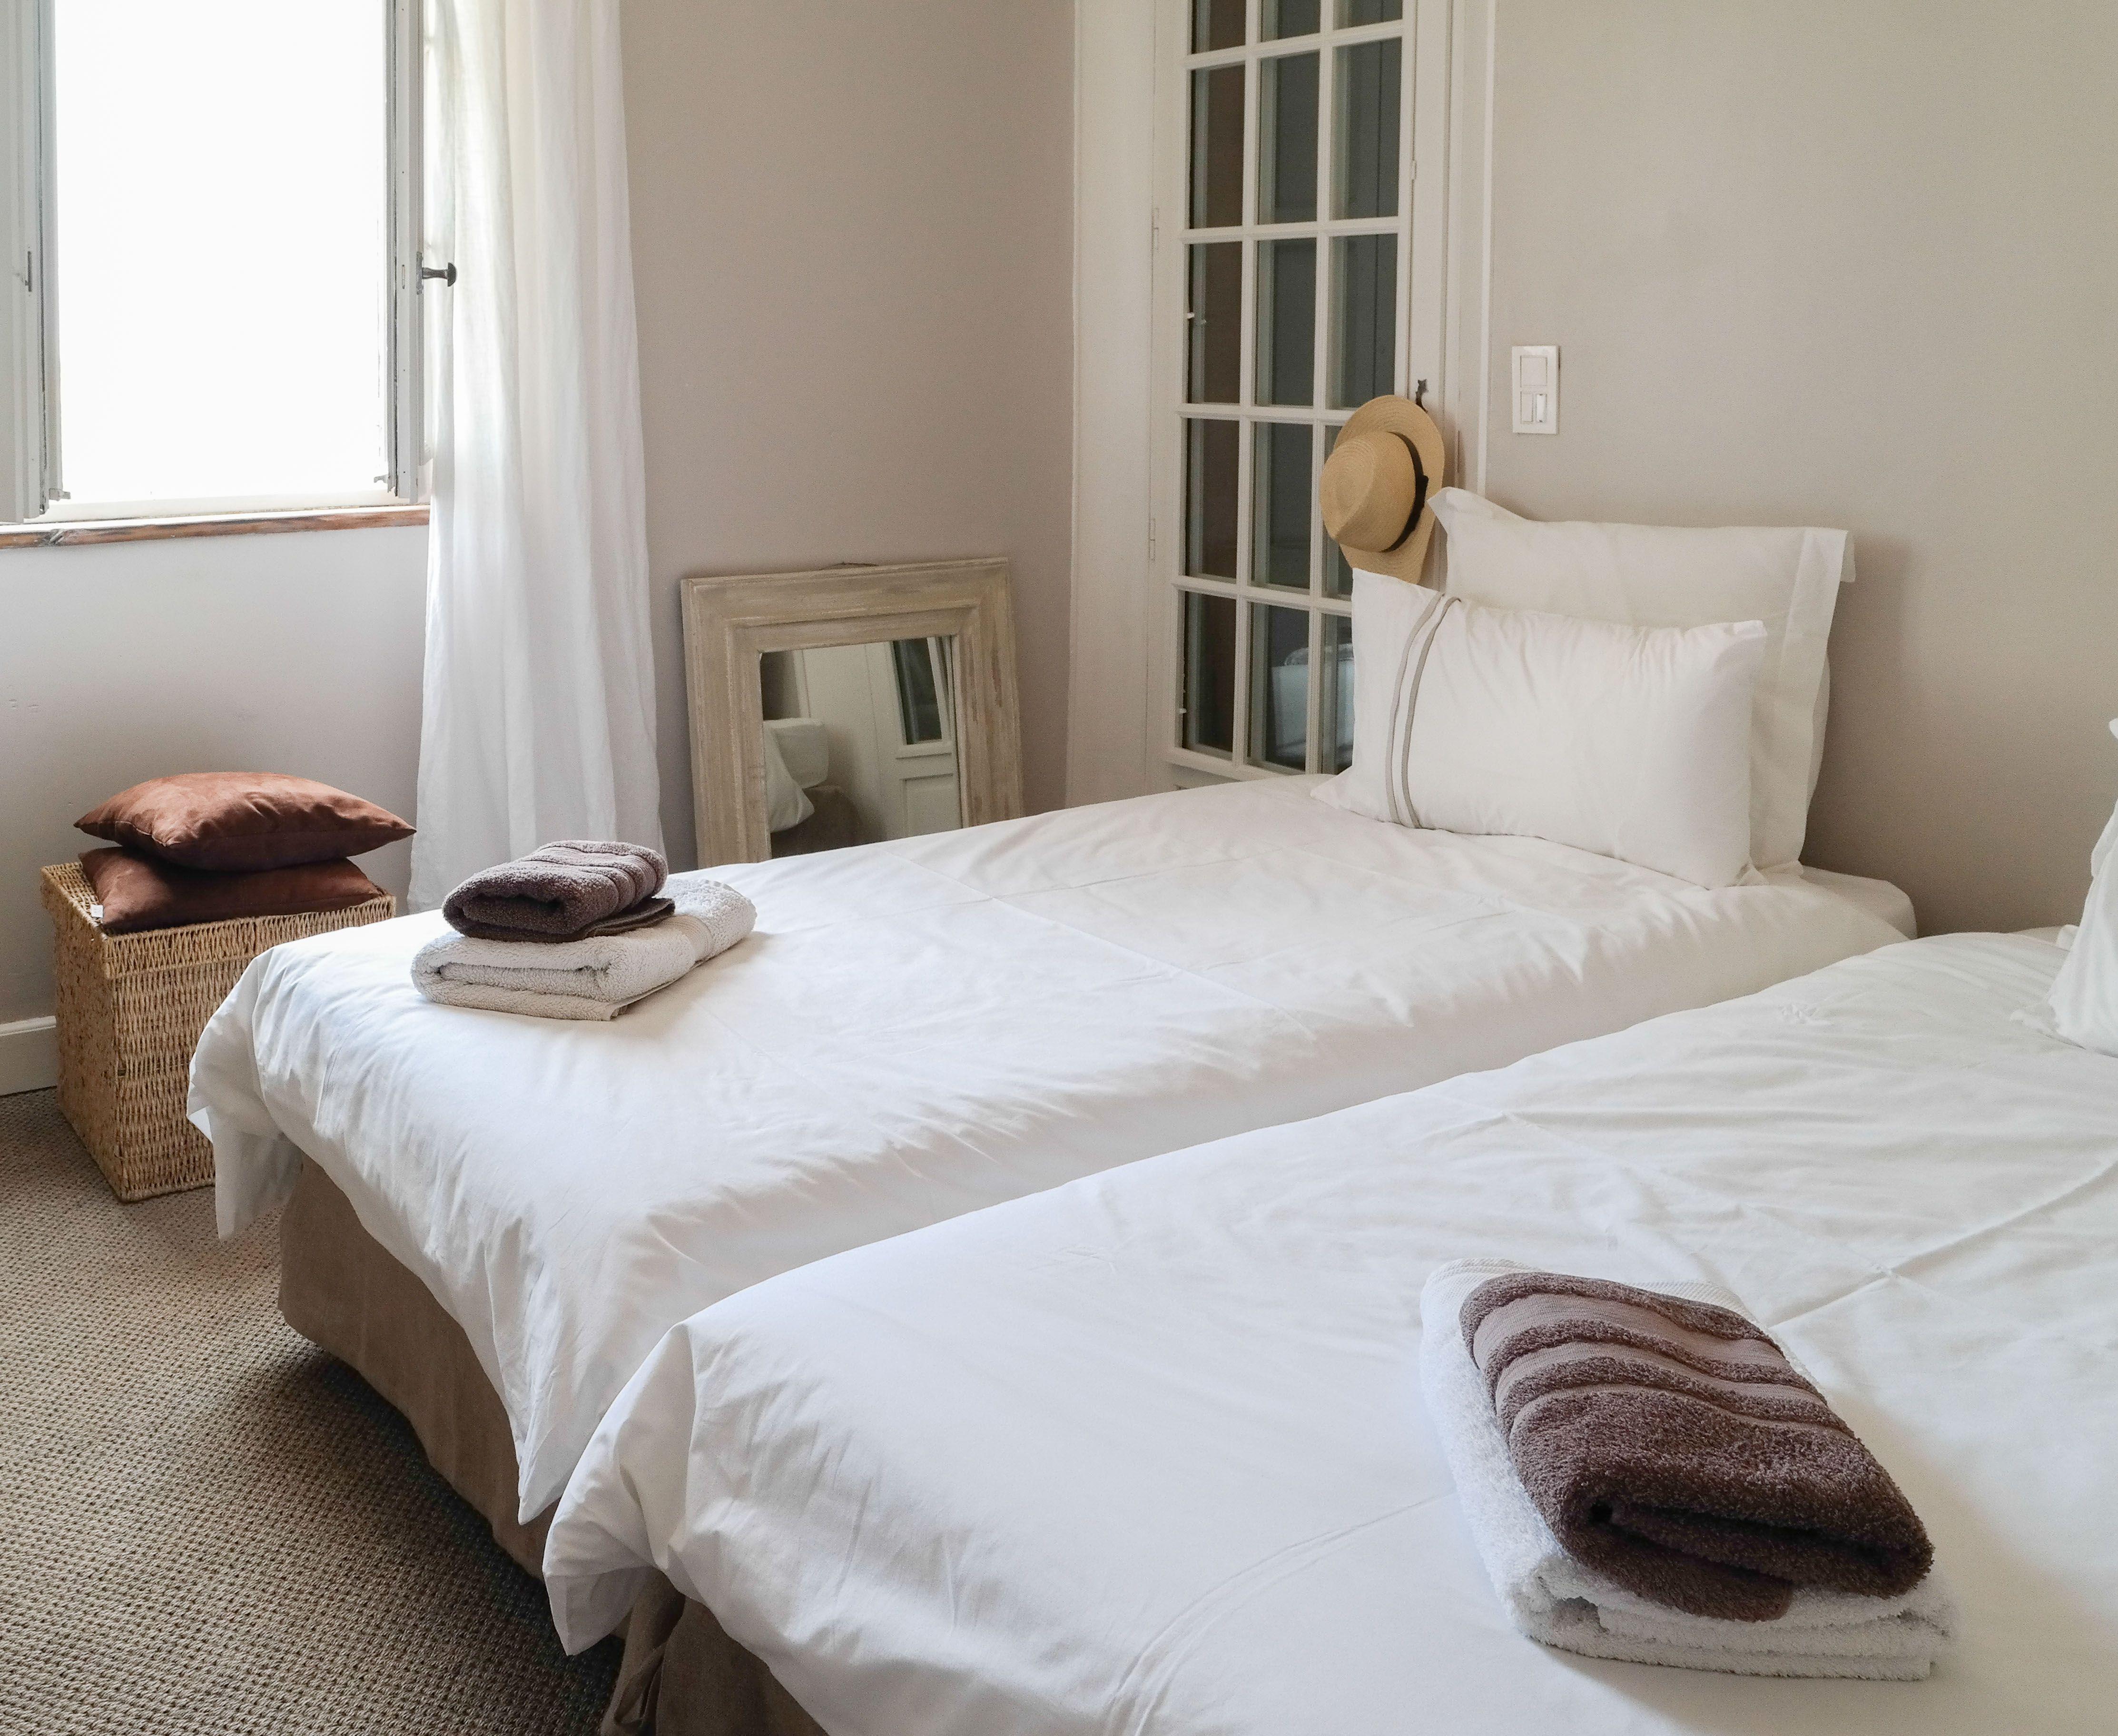 Rustige Slaapkamer Ideeen : Slaapkamer in rustige tinten portfolio interieur pinterest